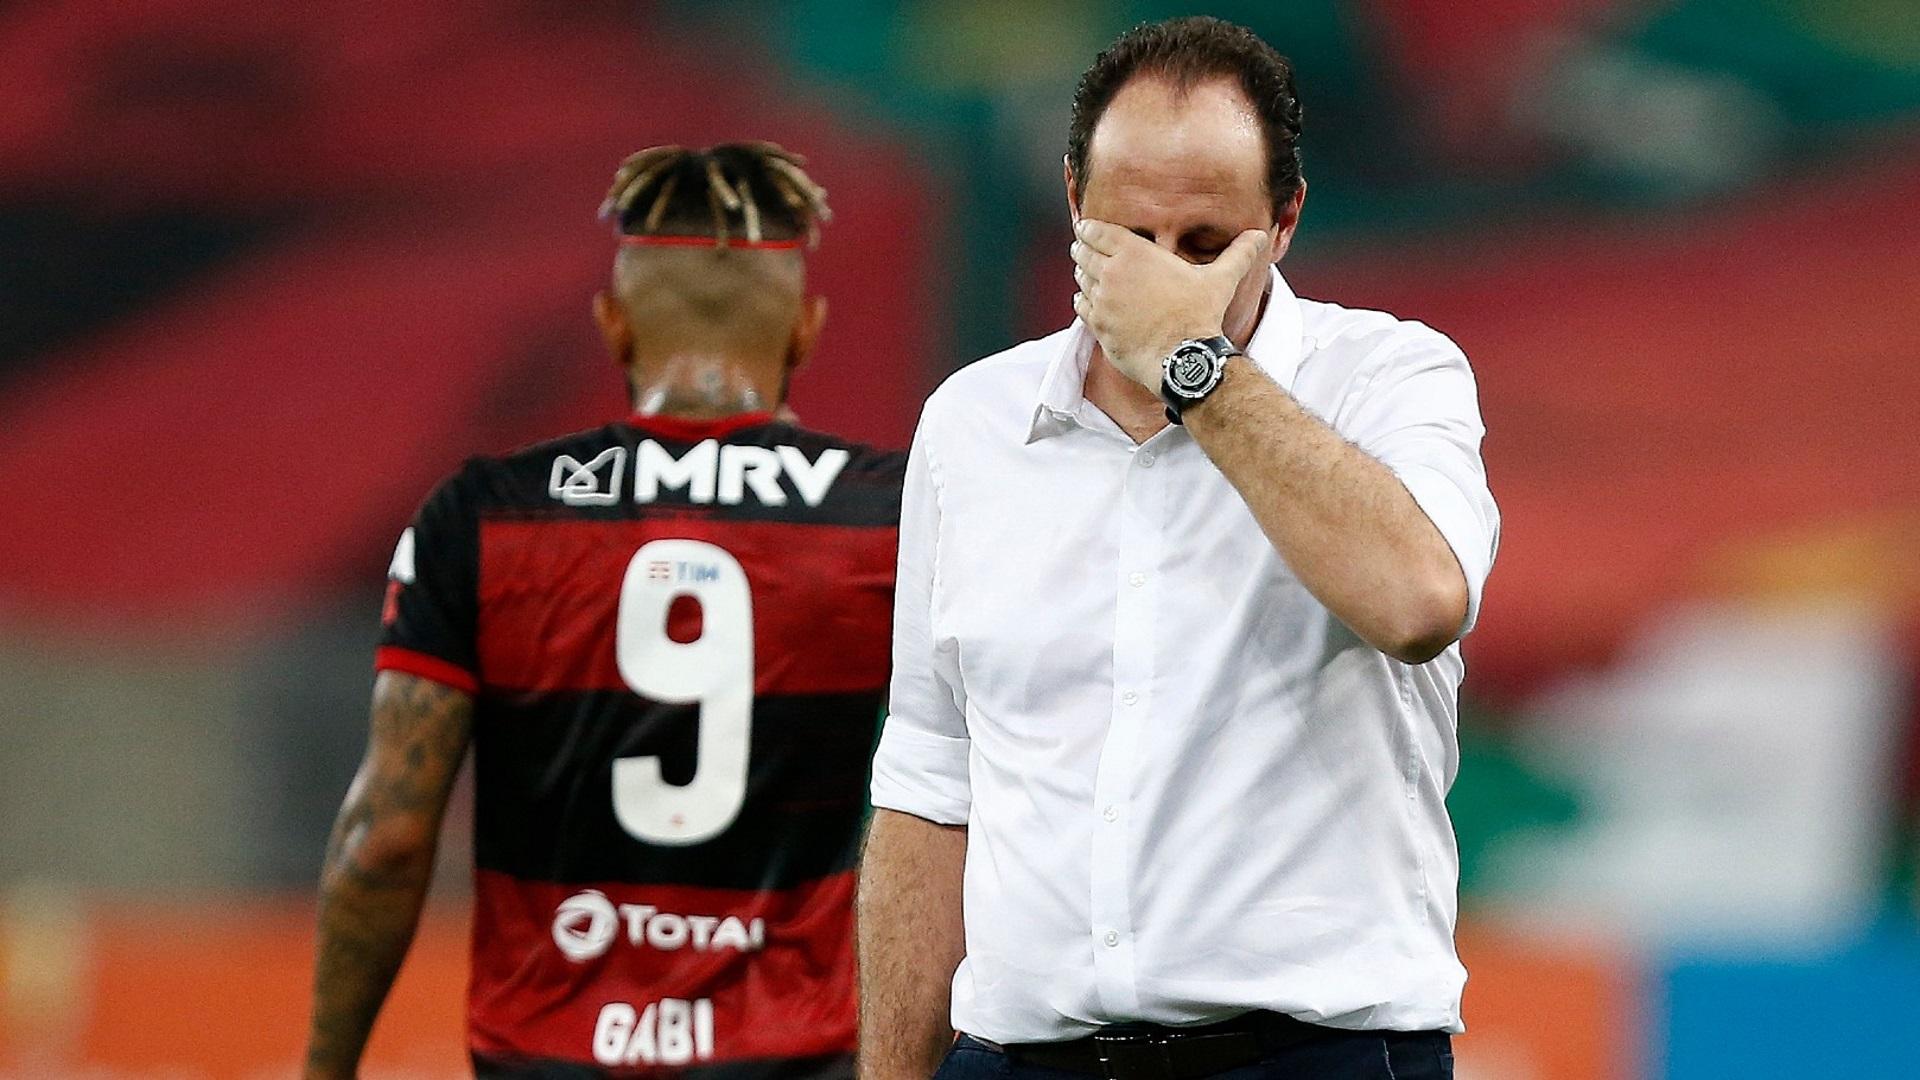 Flamengo pós-Jorge Jesus: qual é o saldo de Rogério Ceni e Dome? | Goal.com